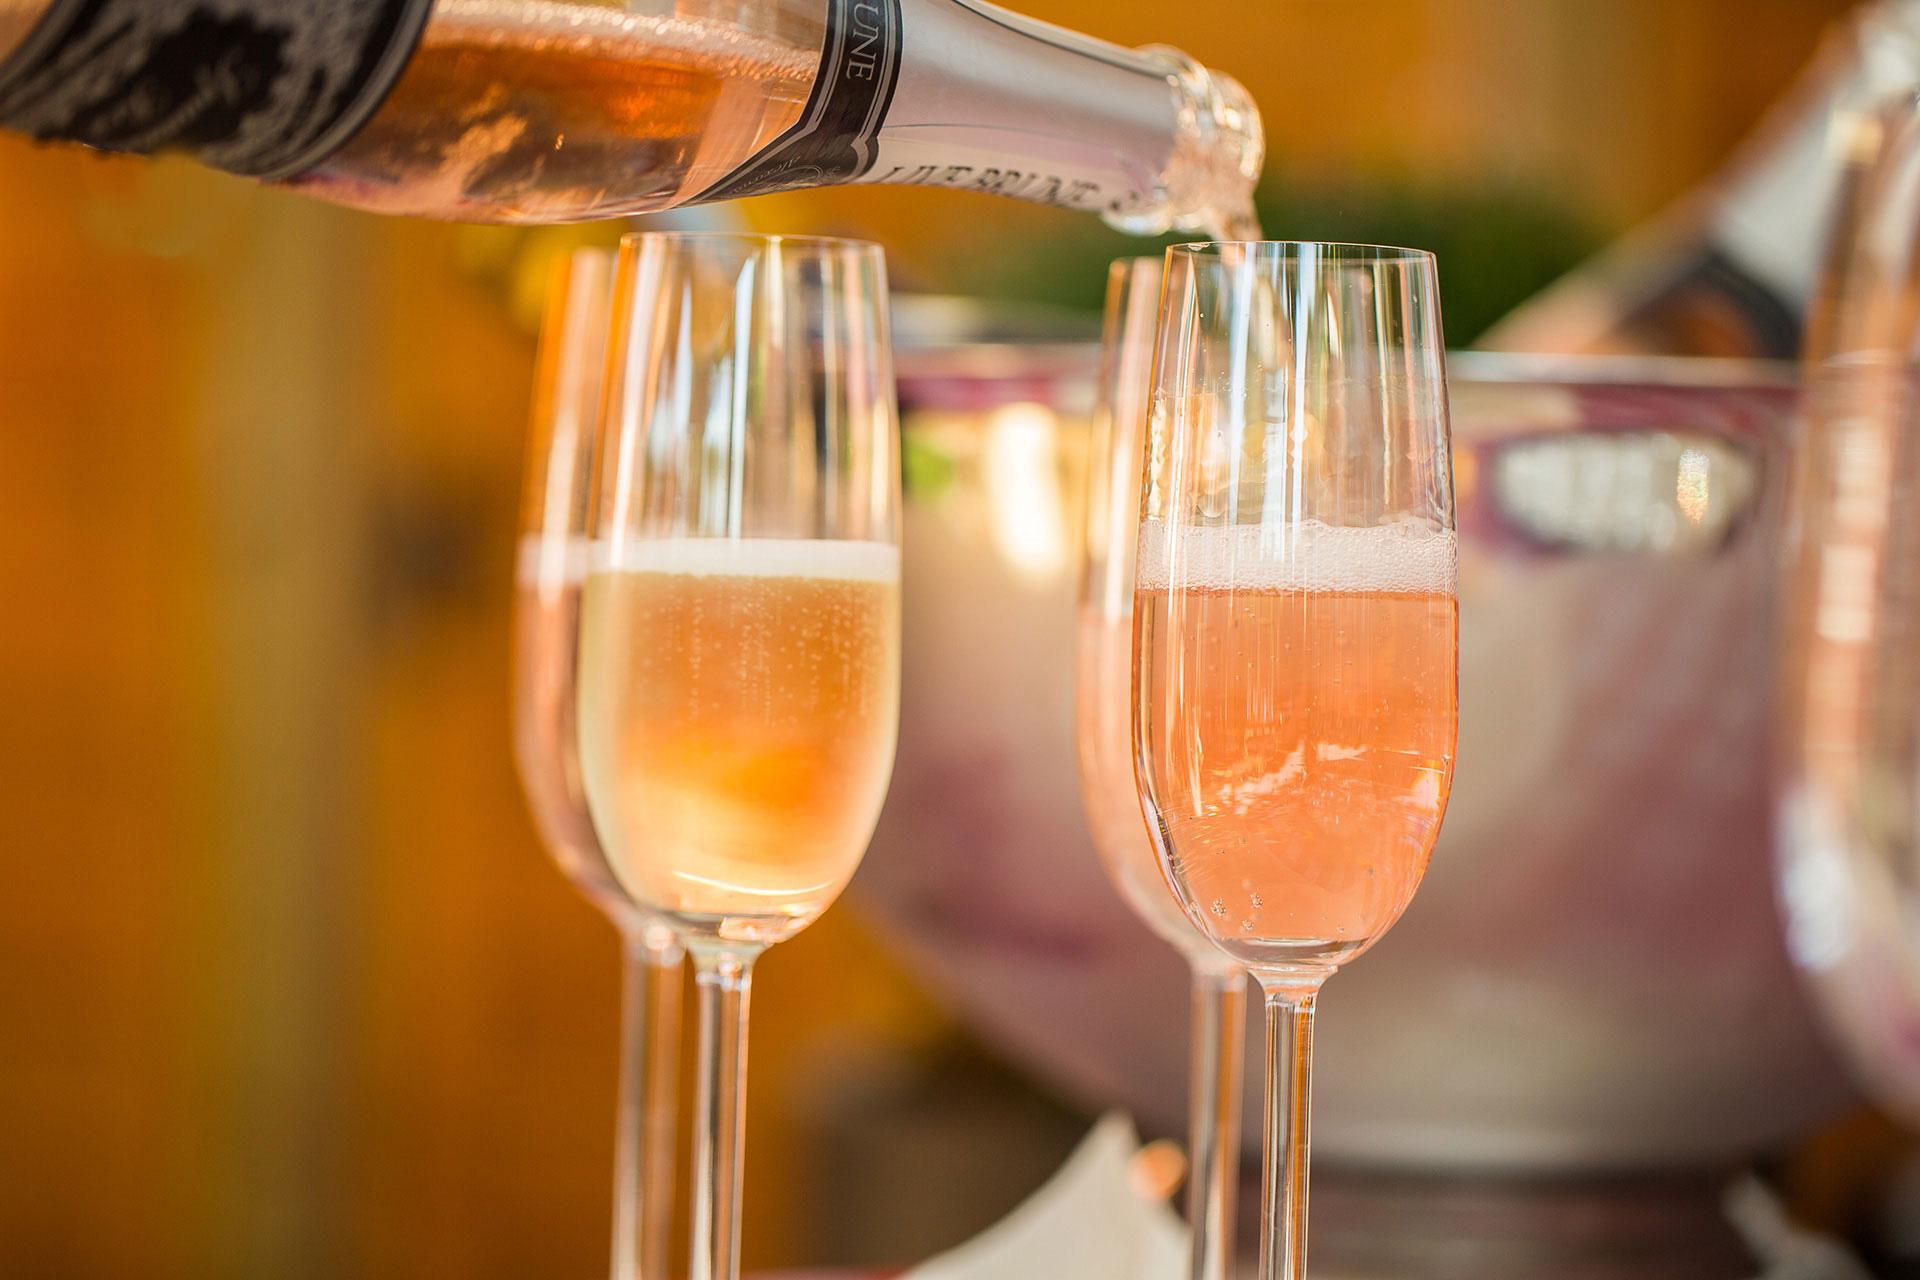 Champagnergläser beim befüllen im Arrangements Paket